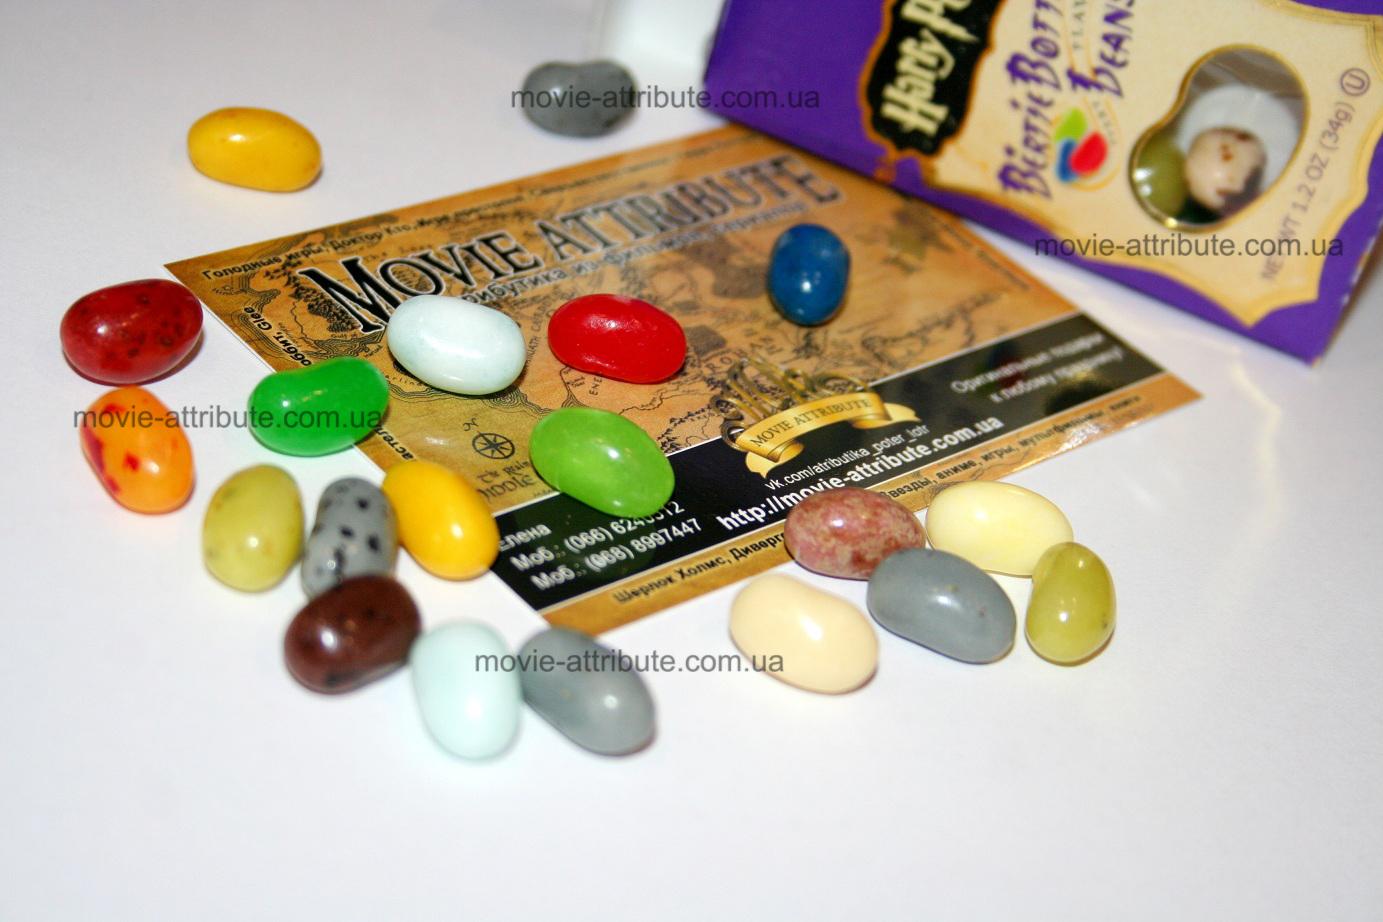 Всевкусовые конфеты Берти Боттс | Bertie Botts Every